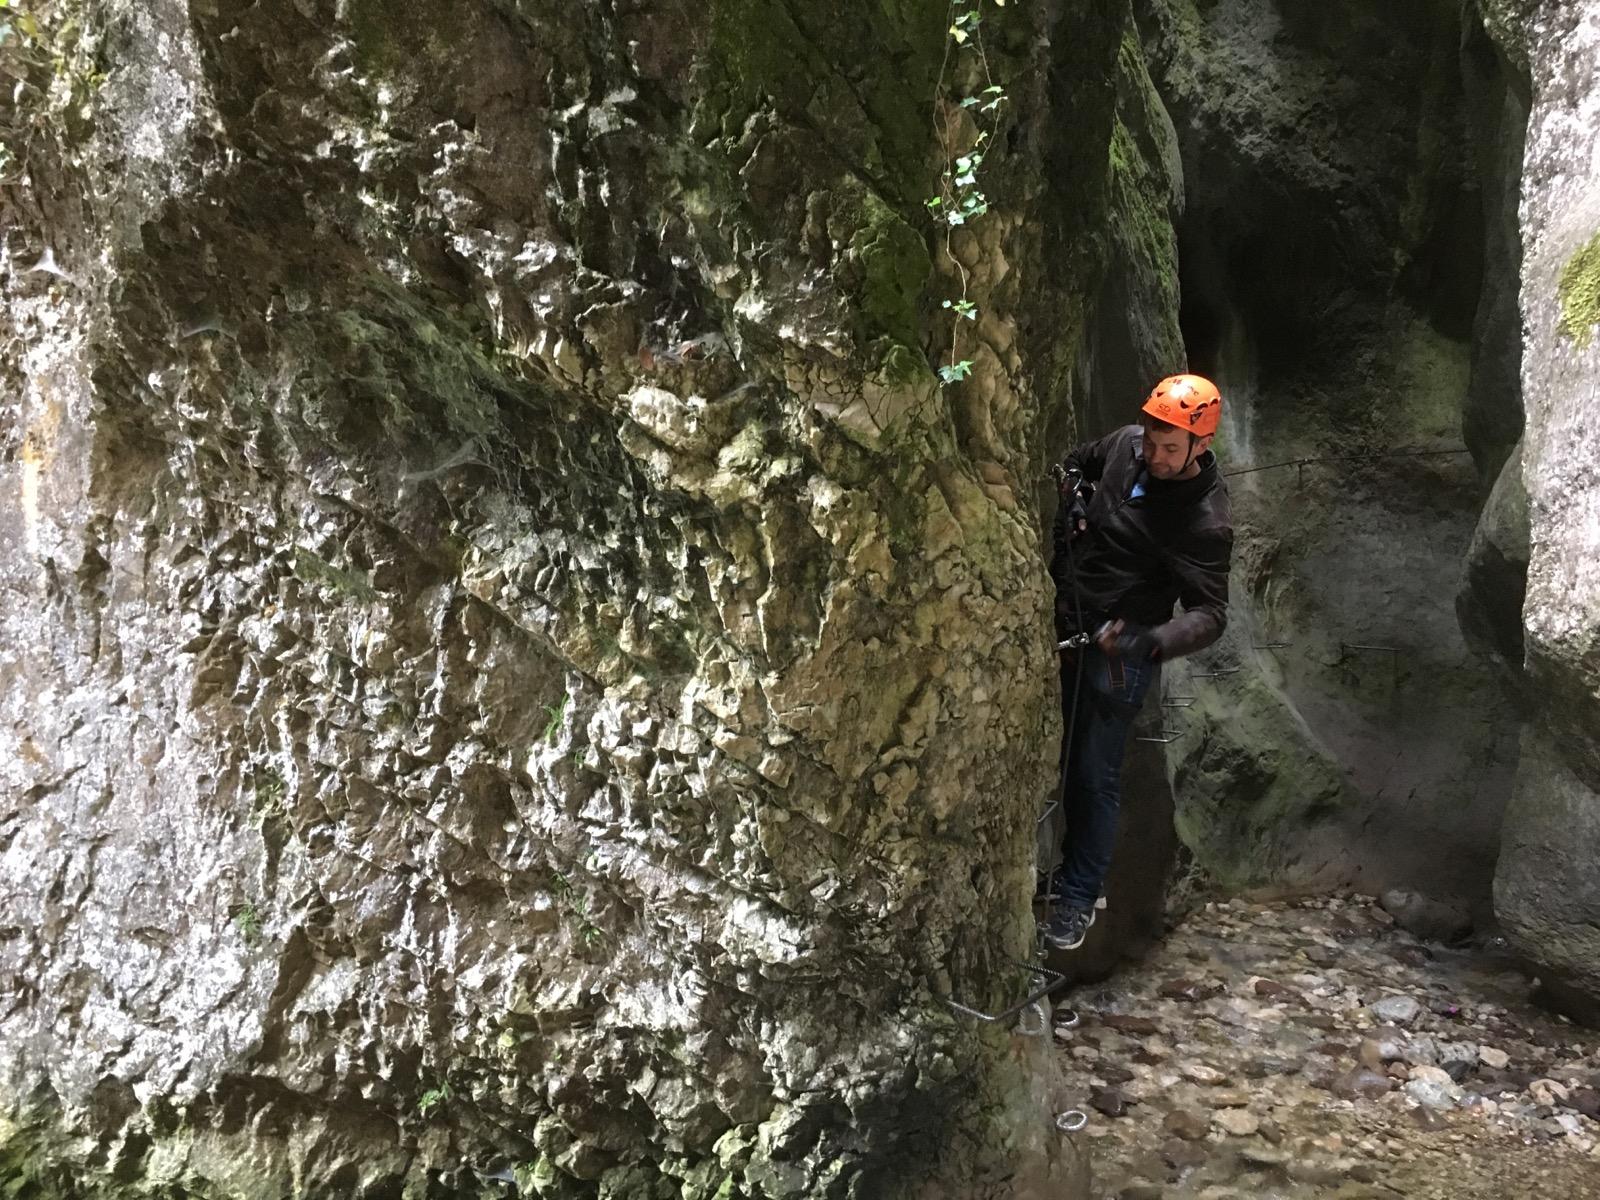 Klettersteige Gardasee : Klettersteige am gardasee mit fantastischem blick